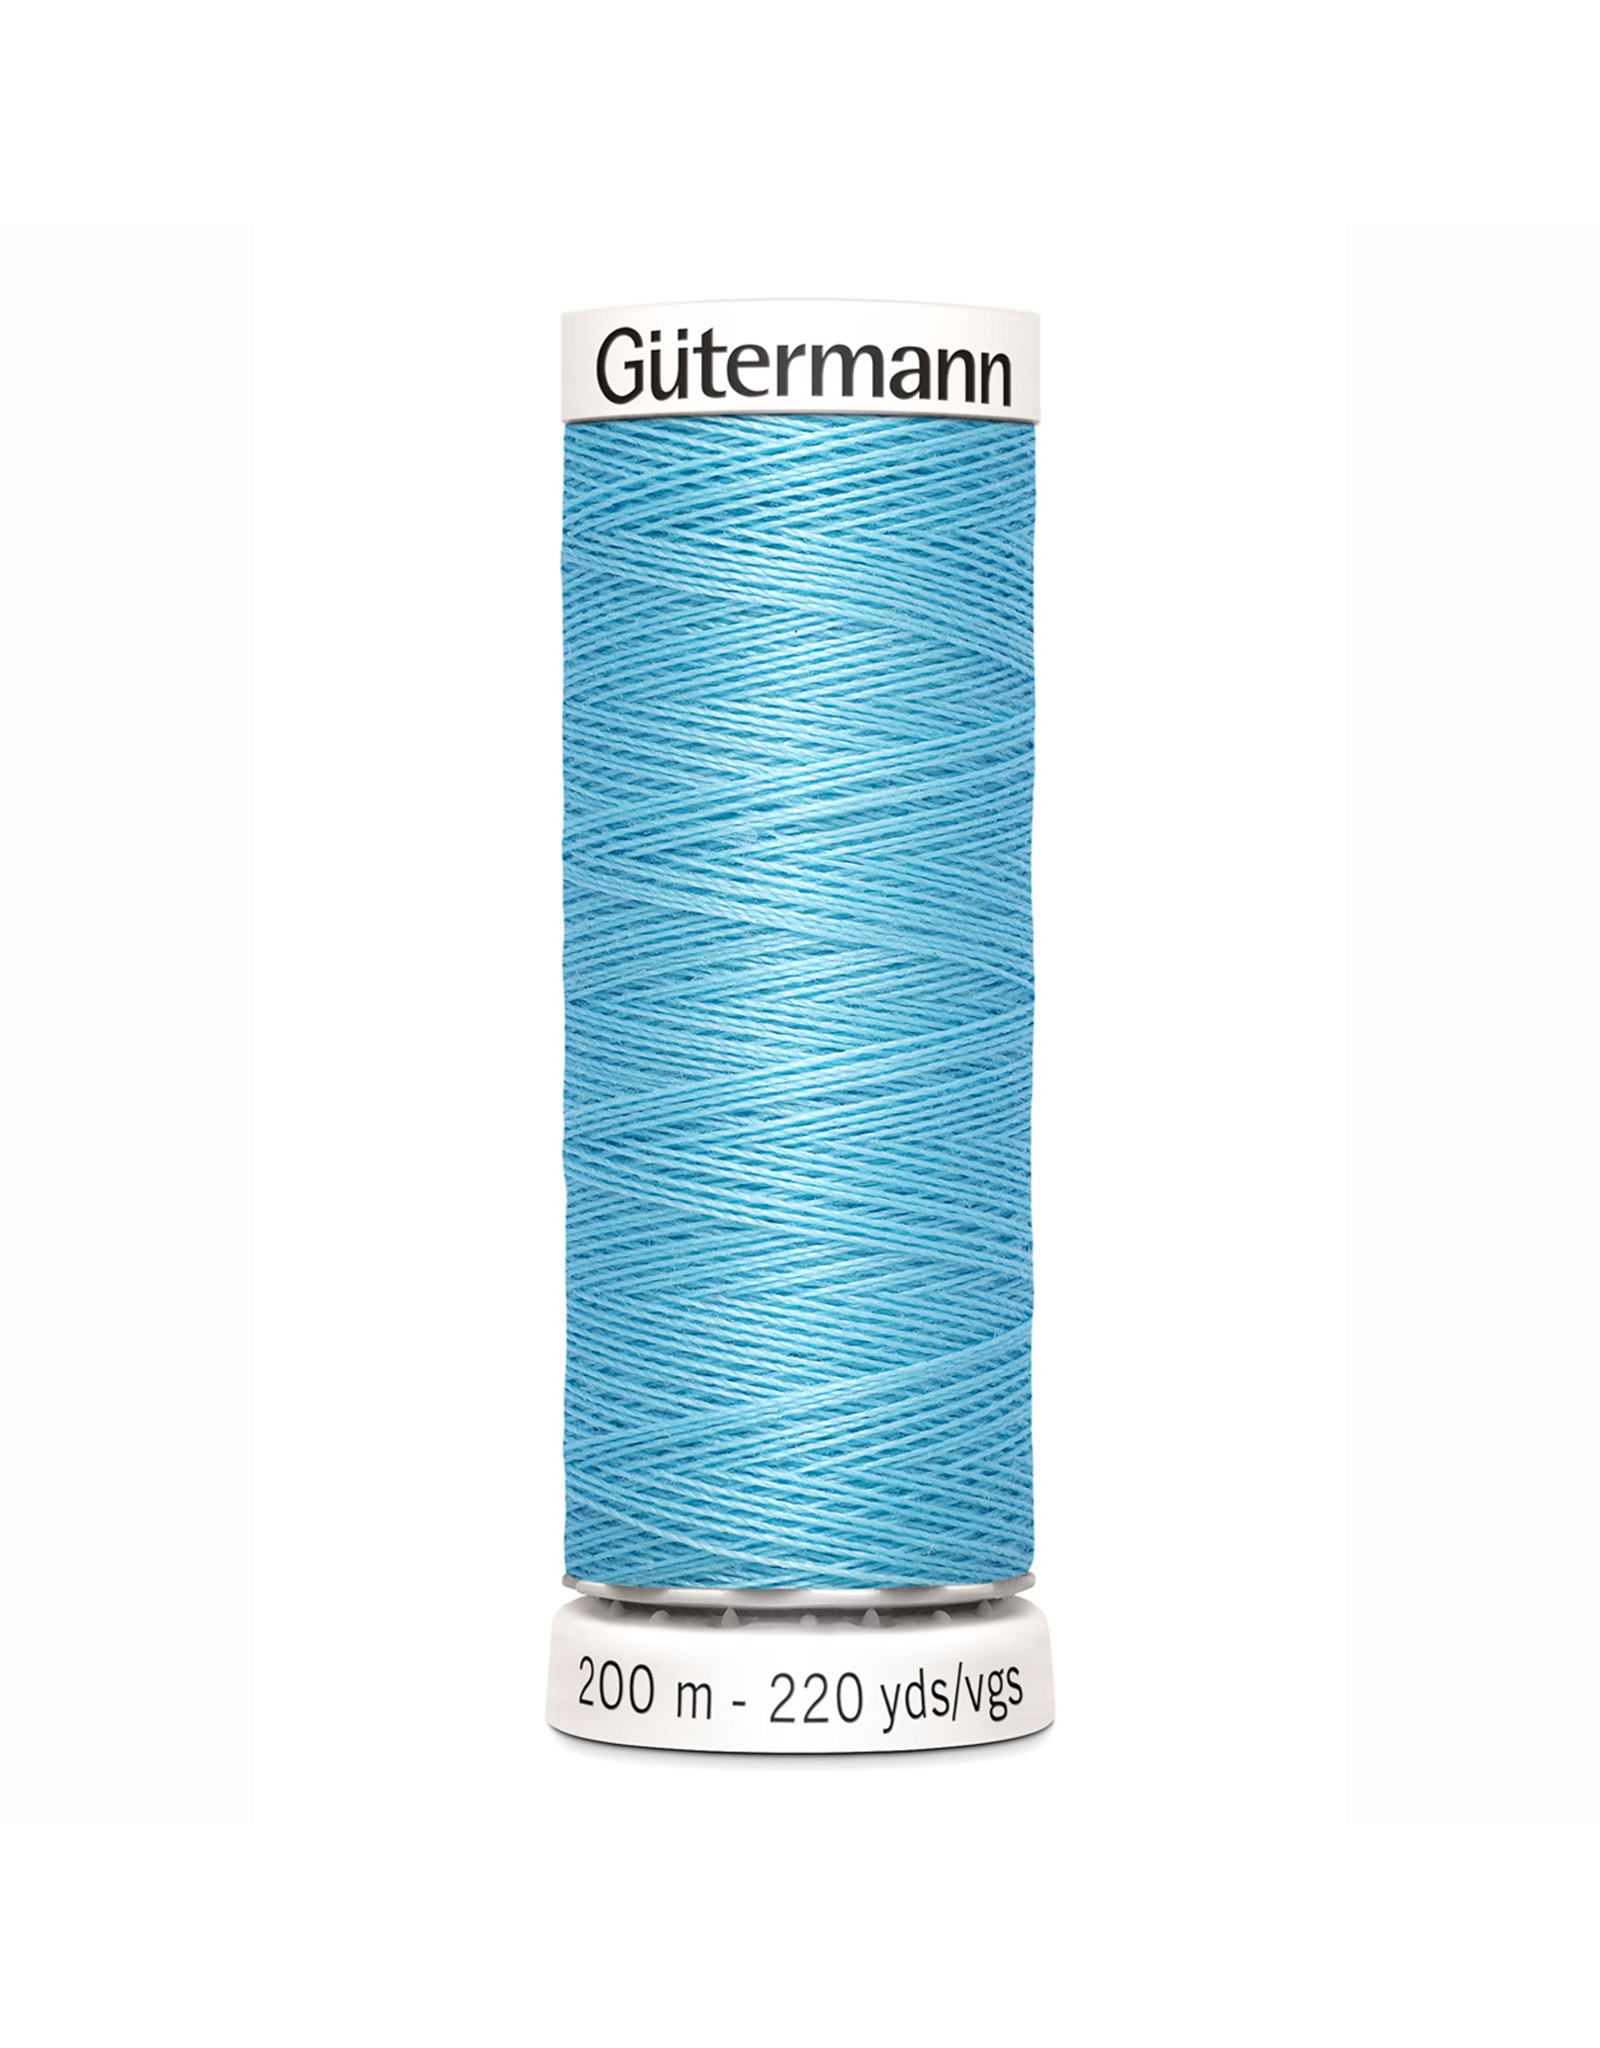 Gütermann Gütermann Nähgarn 200 m - nr 196